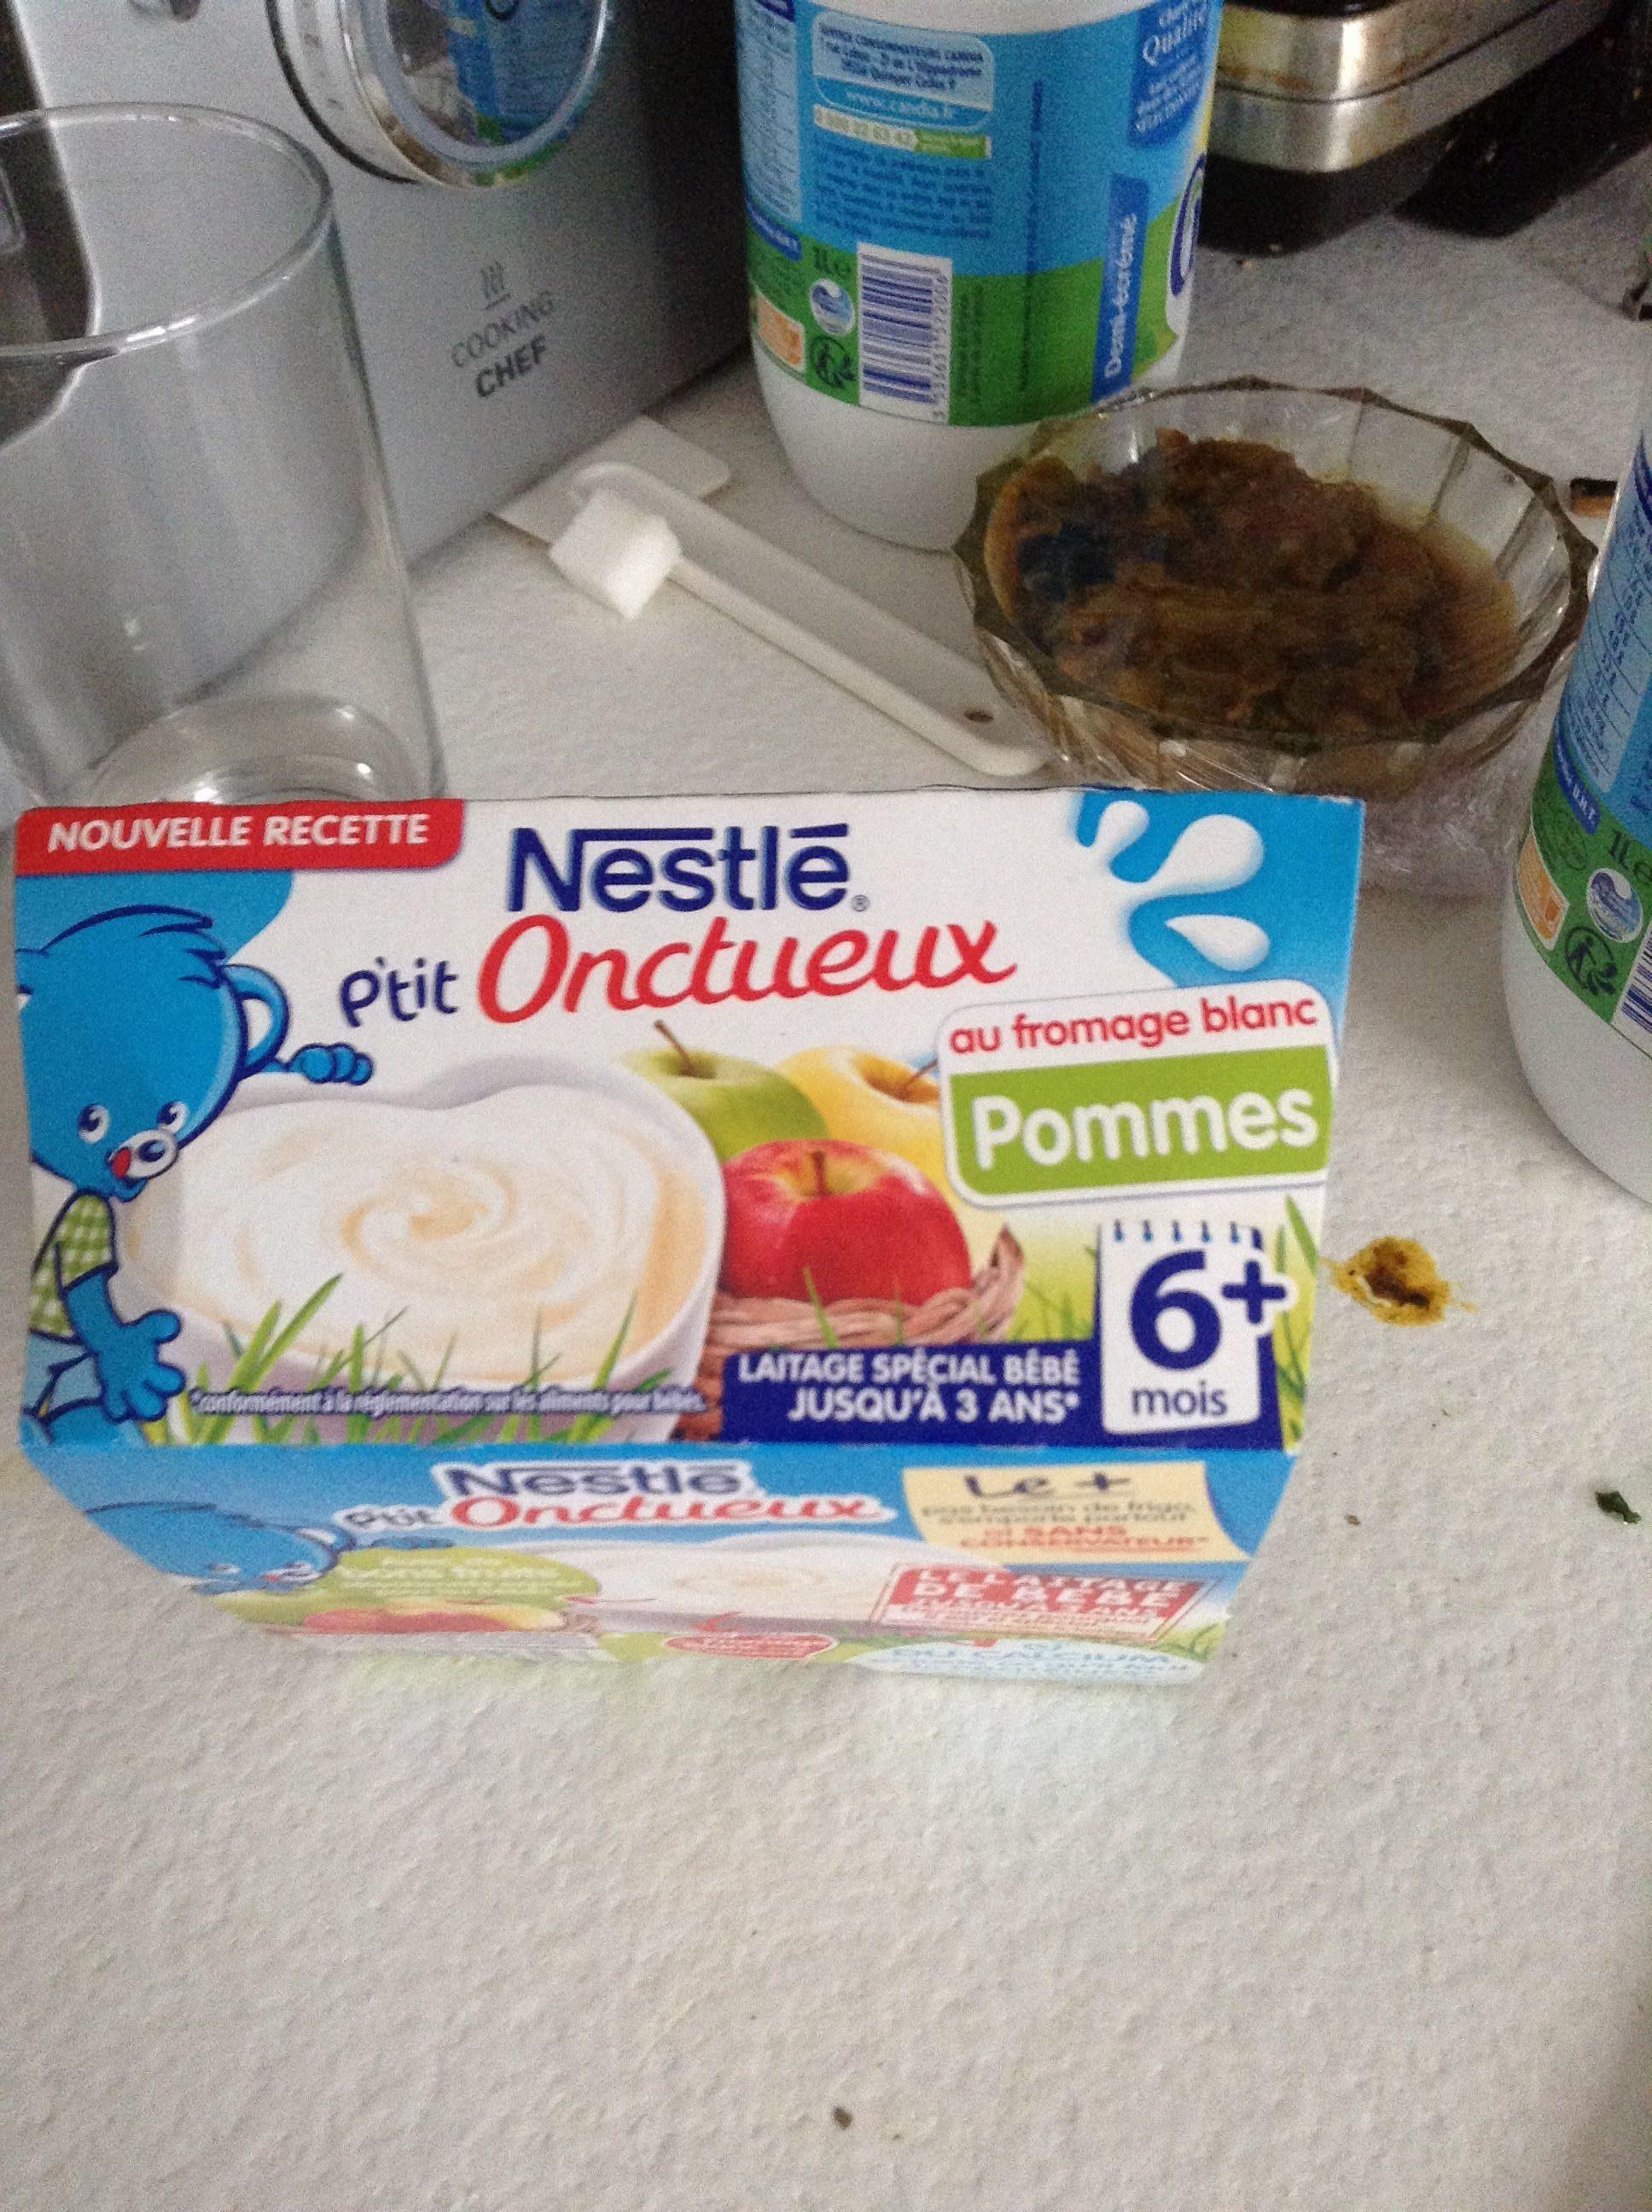 P'tit onctueux au fromage blanc pommes - Prodotto - fr